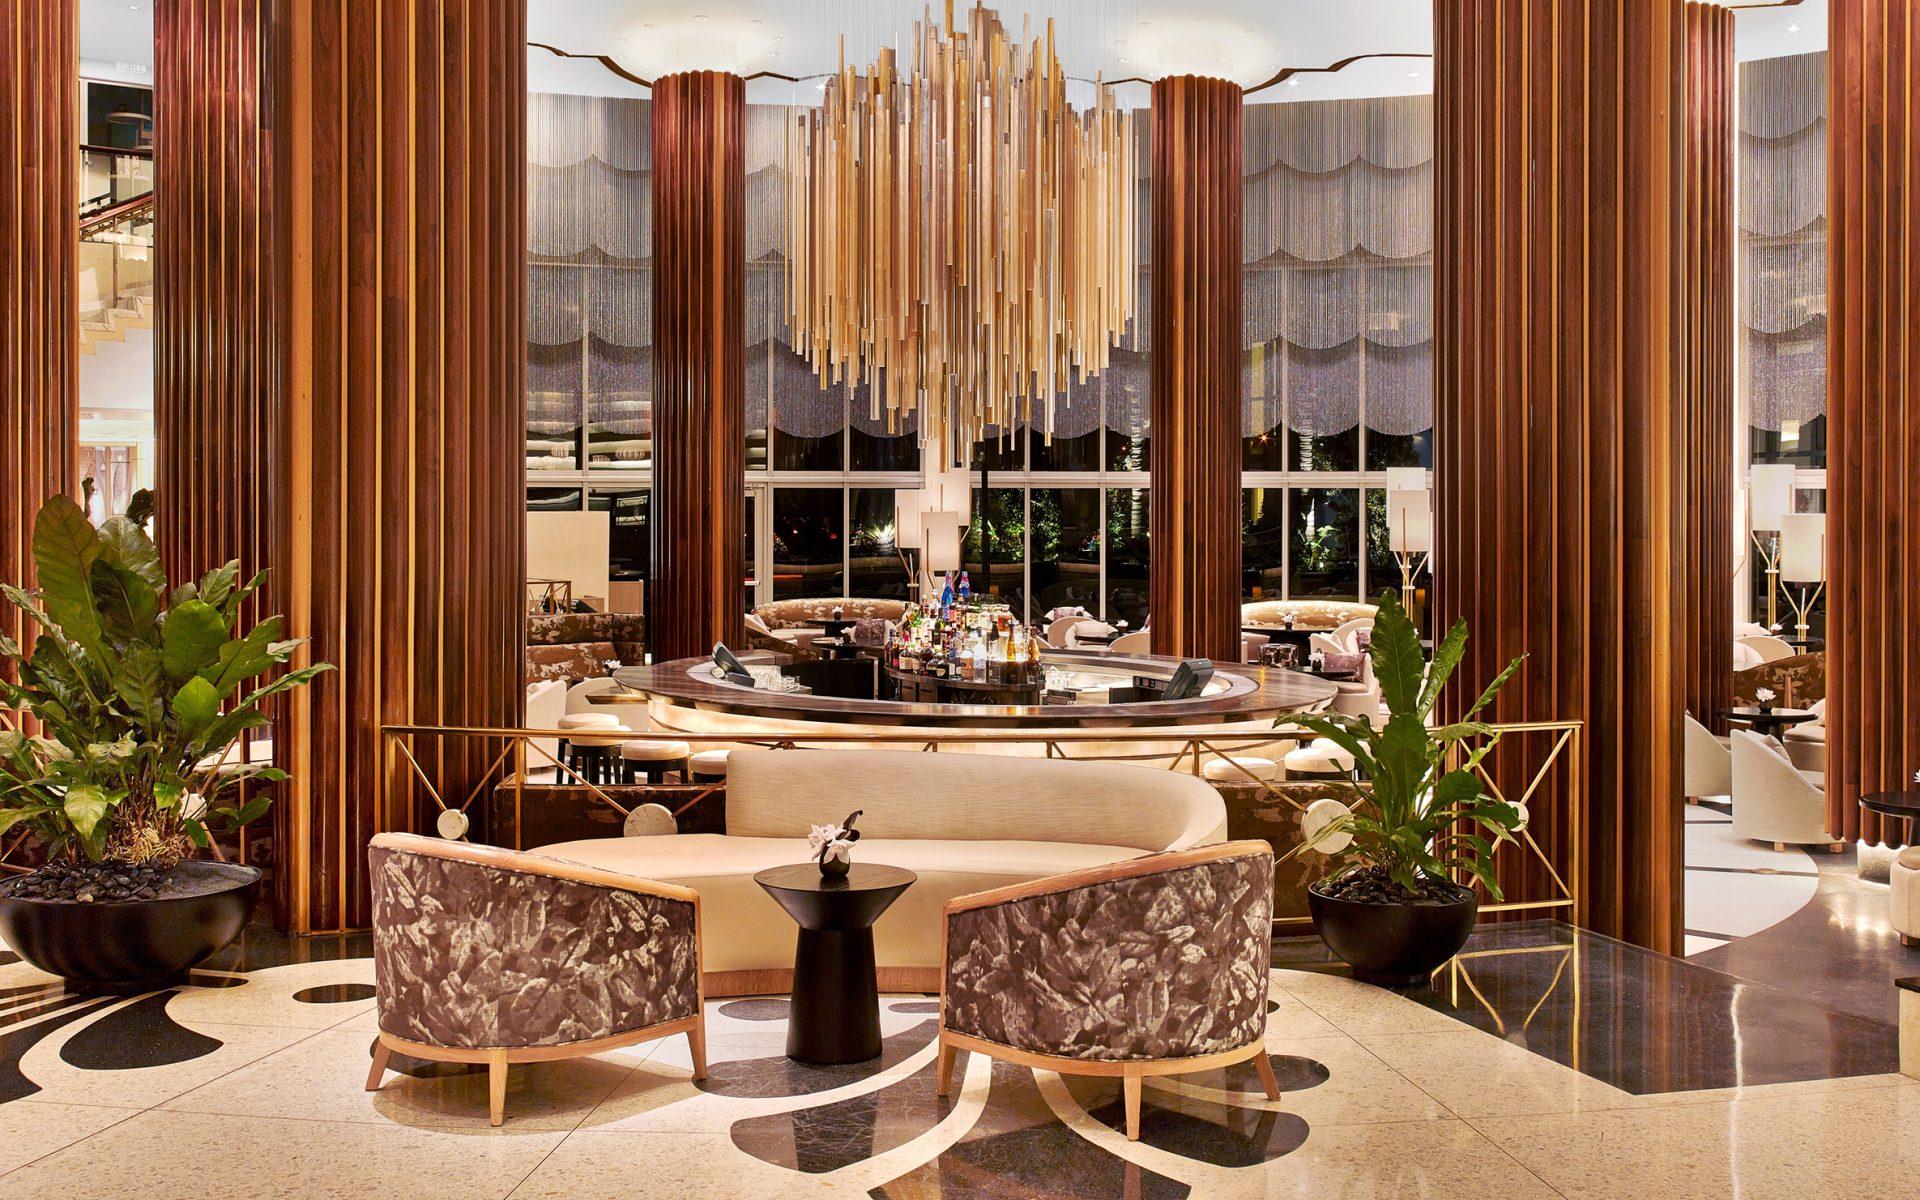 اصول و جزئیات مهم و تاثیرگذار در طراحی هتل مدرن